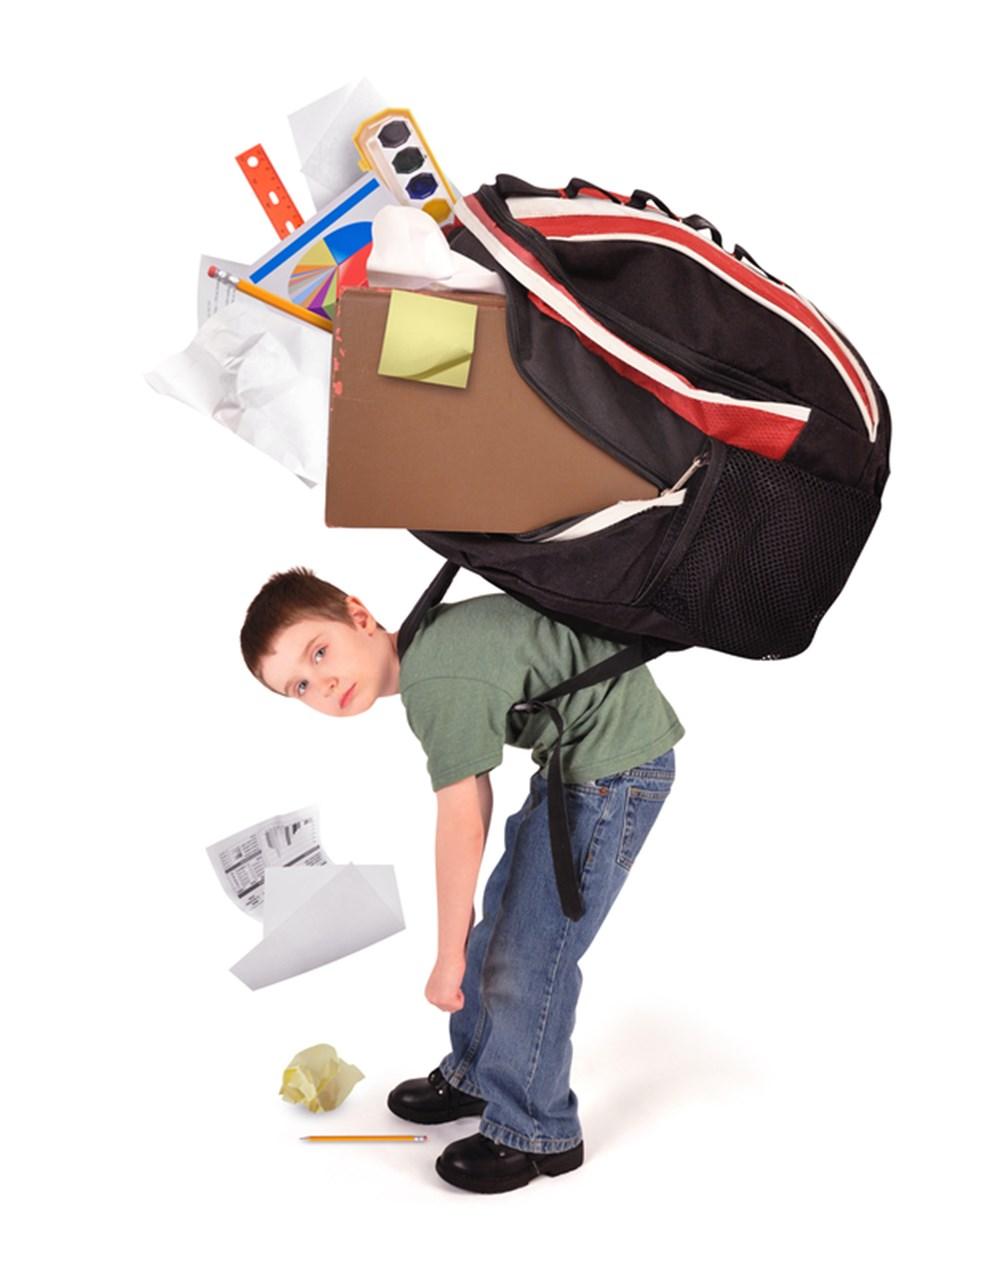 Sohati هل يعاني طفلك من الحقيبة المدرسية الثقيلة